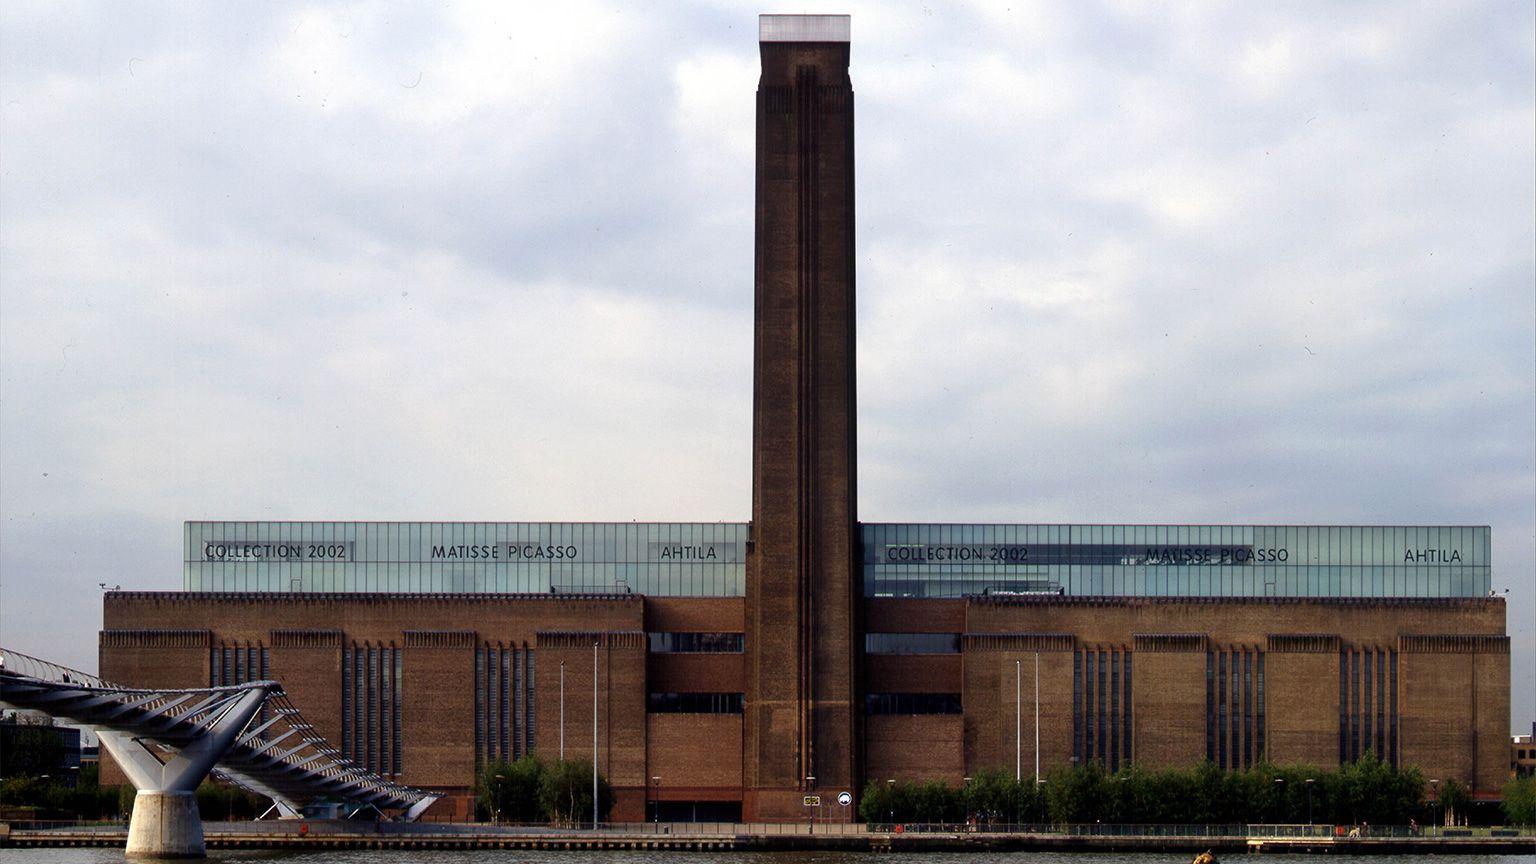 Tate Modern Bankside London Se1 9tg United Kingdom Admission Free Entry